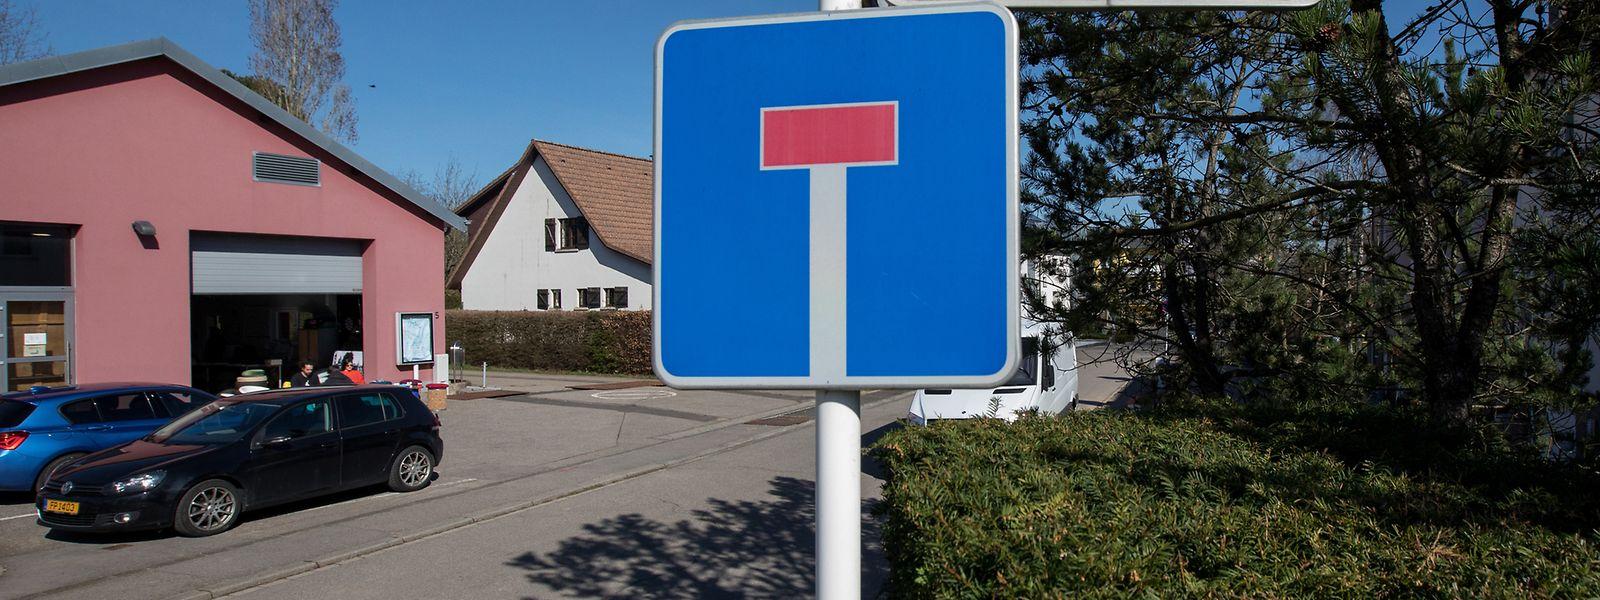 In dieser Sackgasse, in der Rue Nic Welter in Sandweiler, endete die Verfolgungsfahrt am 1. November 2010.